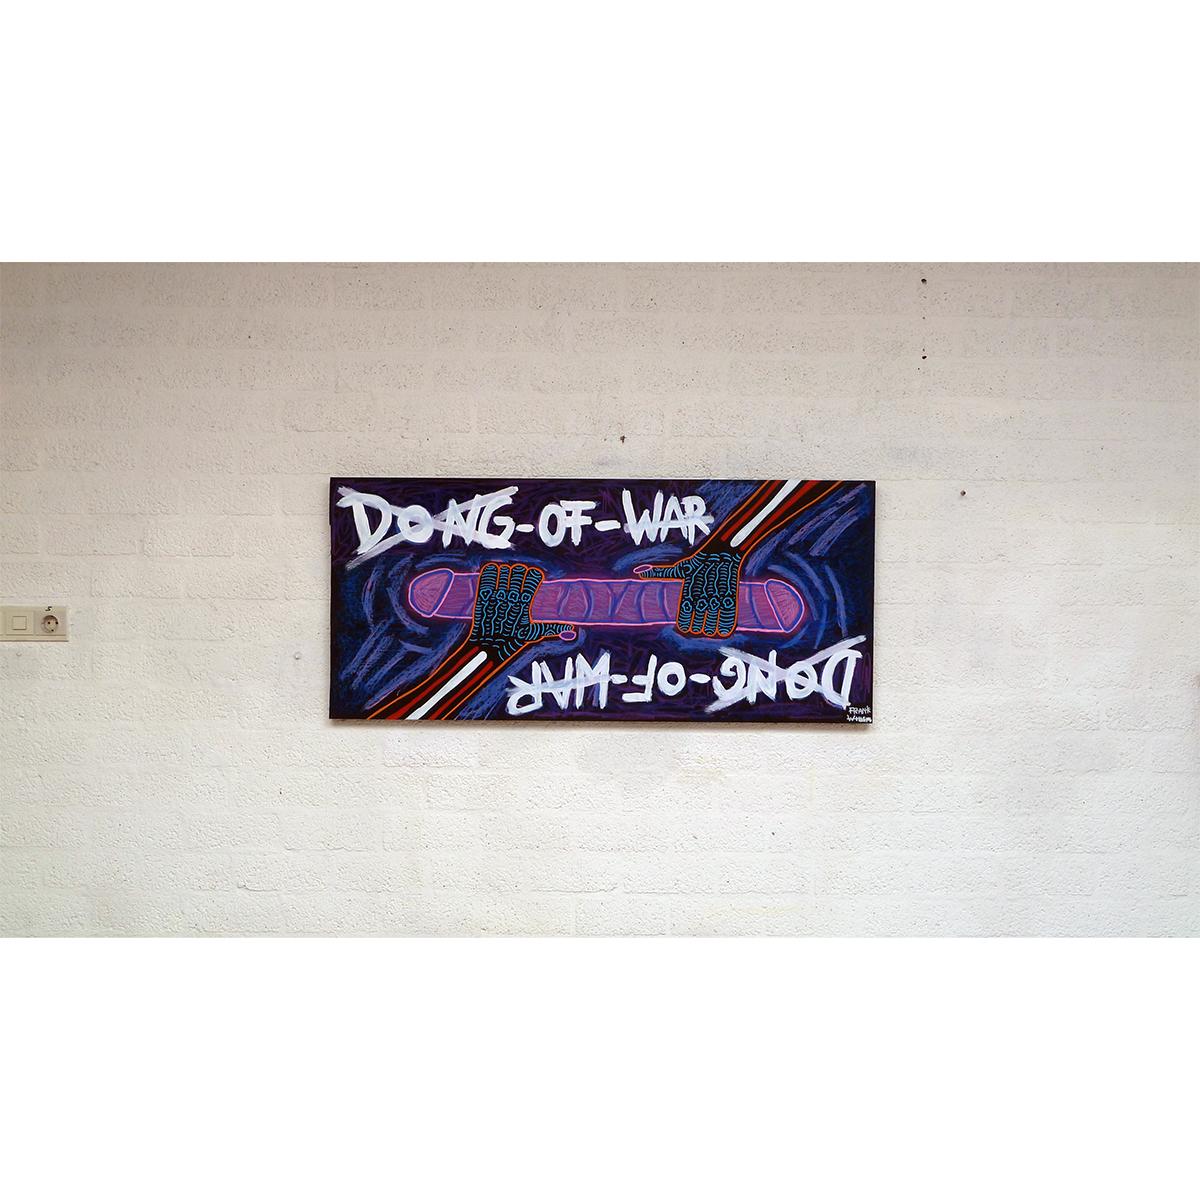 DONG-OF-WAR 02 - Frank Willems